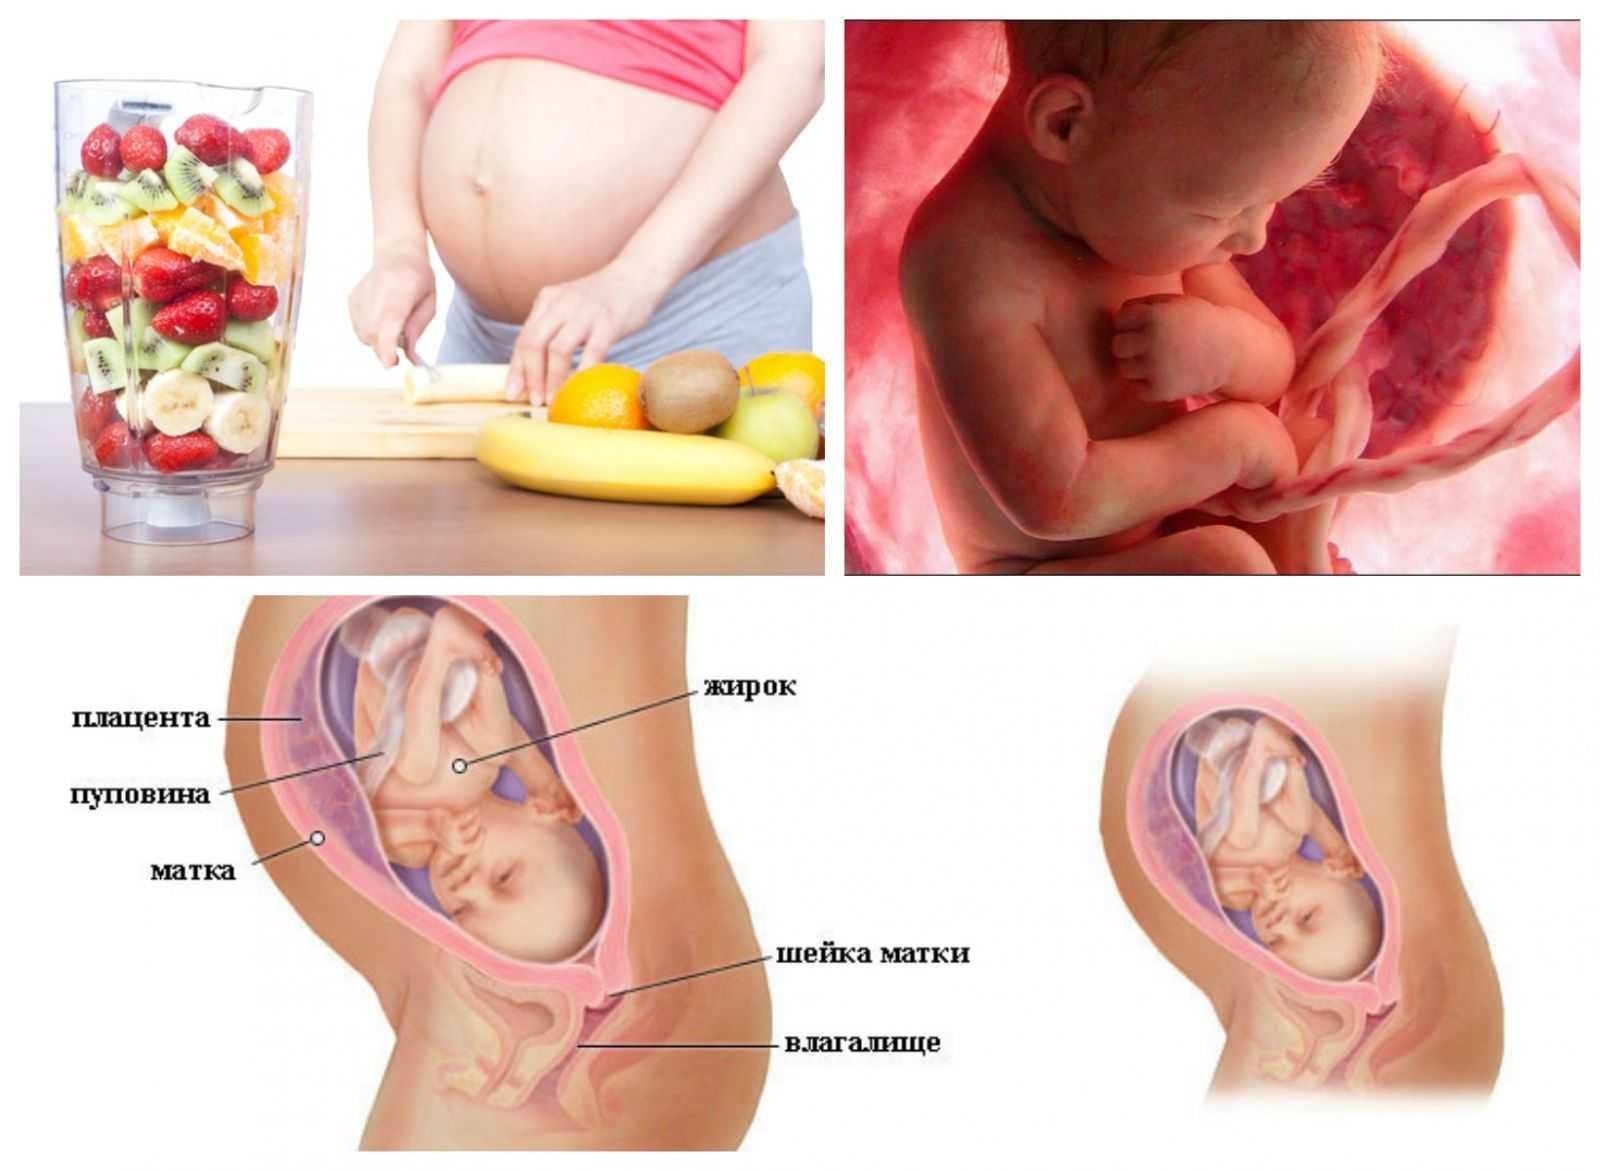 Развитие плода на 29 неделе беременности (11 фото): вес и рост ребенка, что происходит с малышом на 28-29 неделе, ощущения если толкается внизу живота